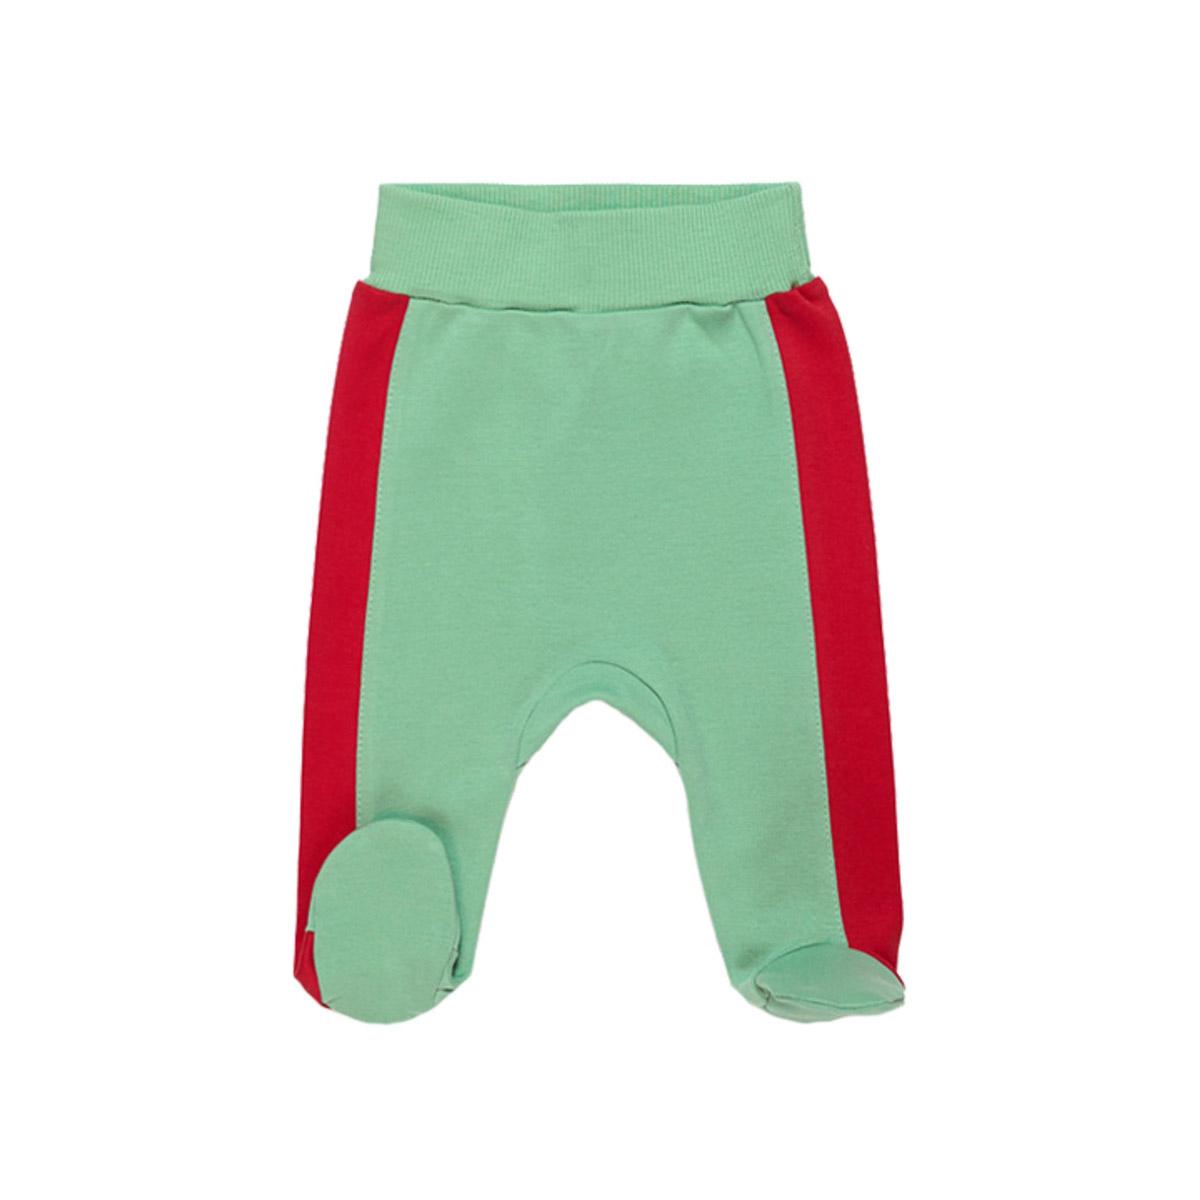 Ползунки с ножками Ёмаё Кони в яблоках (26-236) рост 56 светло зеленый<br>